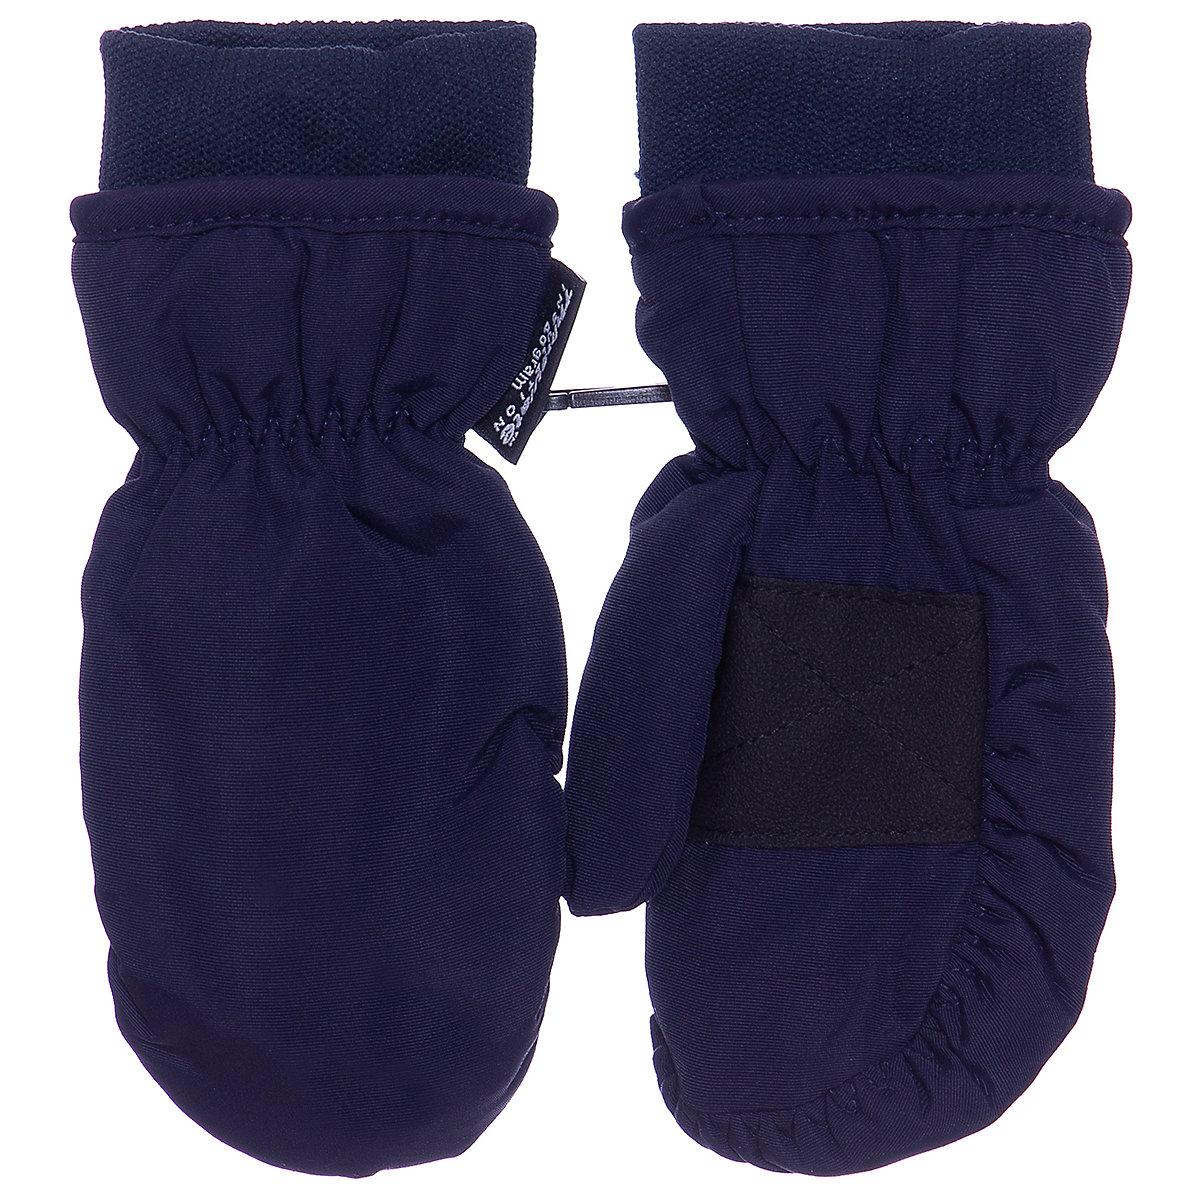 Ticket To Heaven Gloves & Mittens 8882594 Glove Mitten Winter Clothes For Children Girls Boys Girl Boy